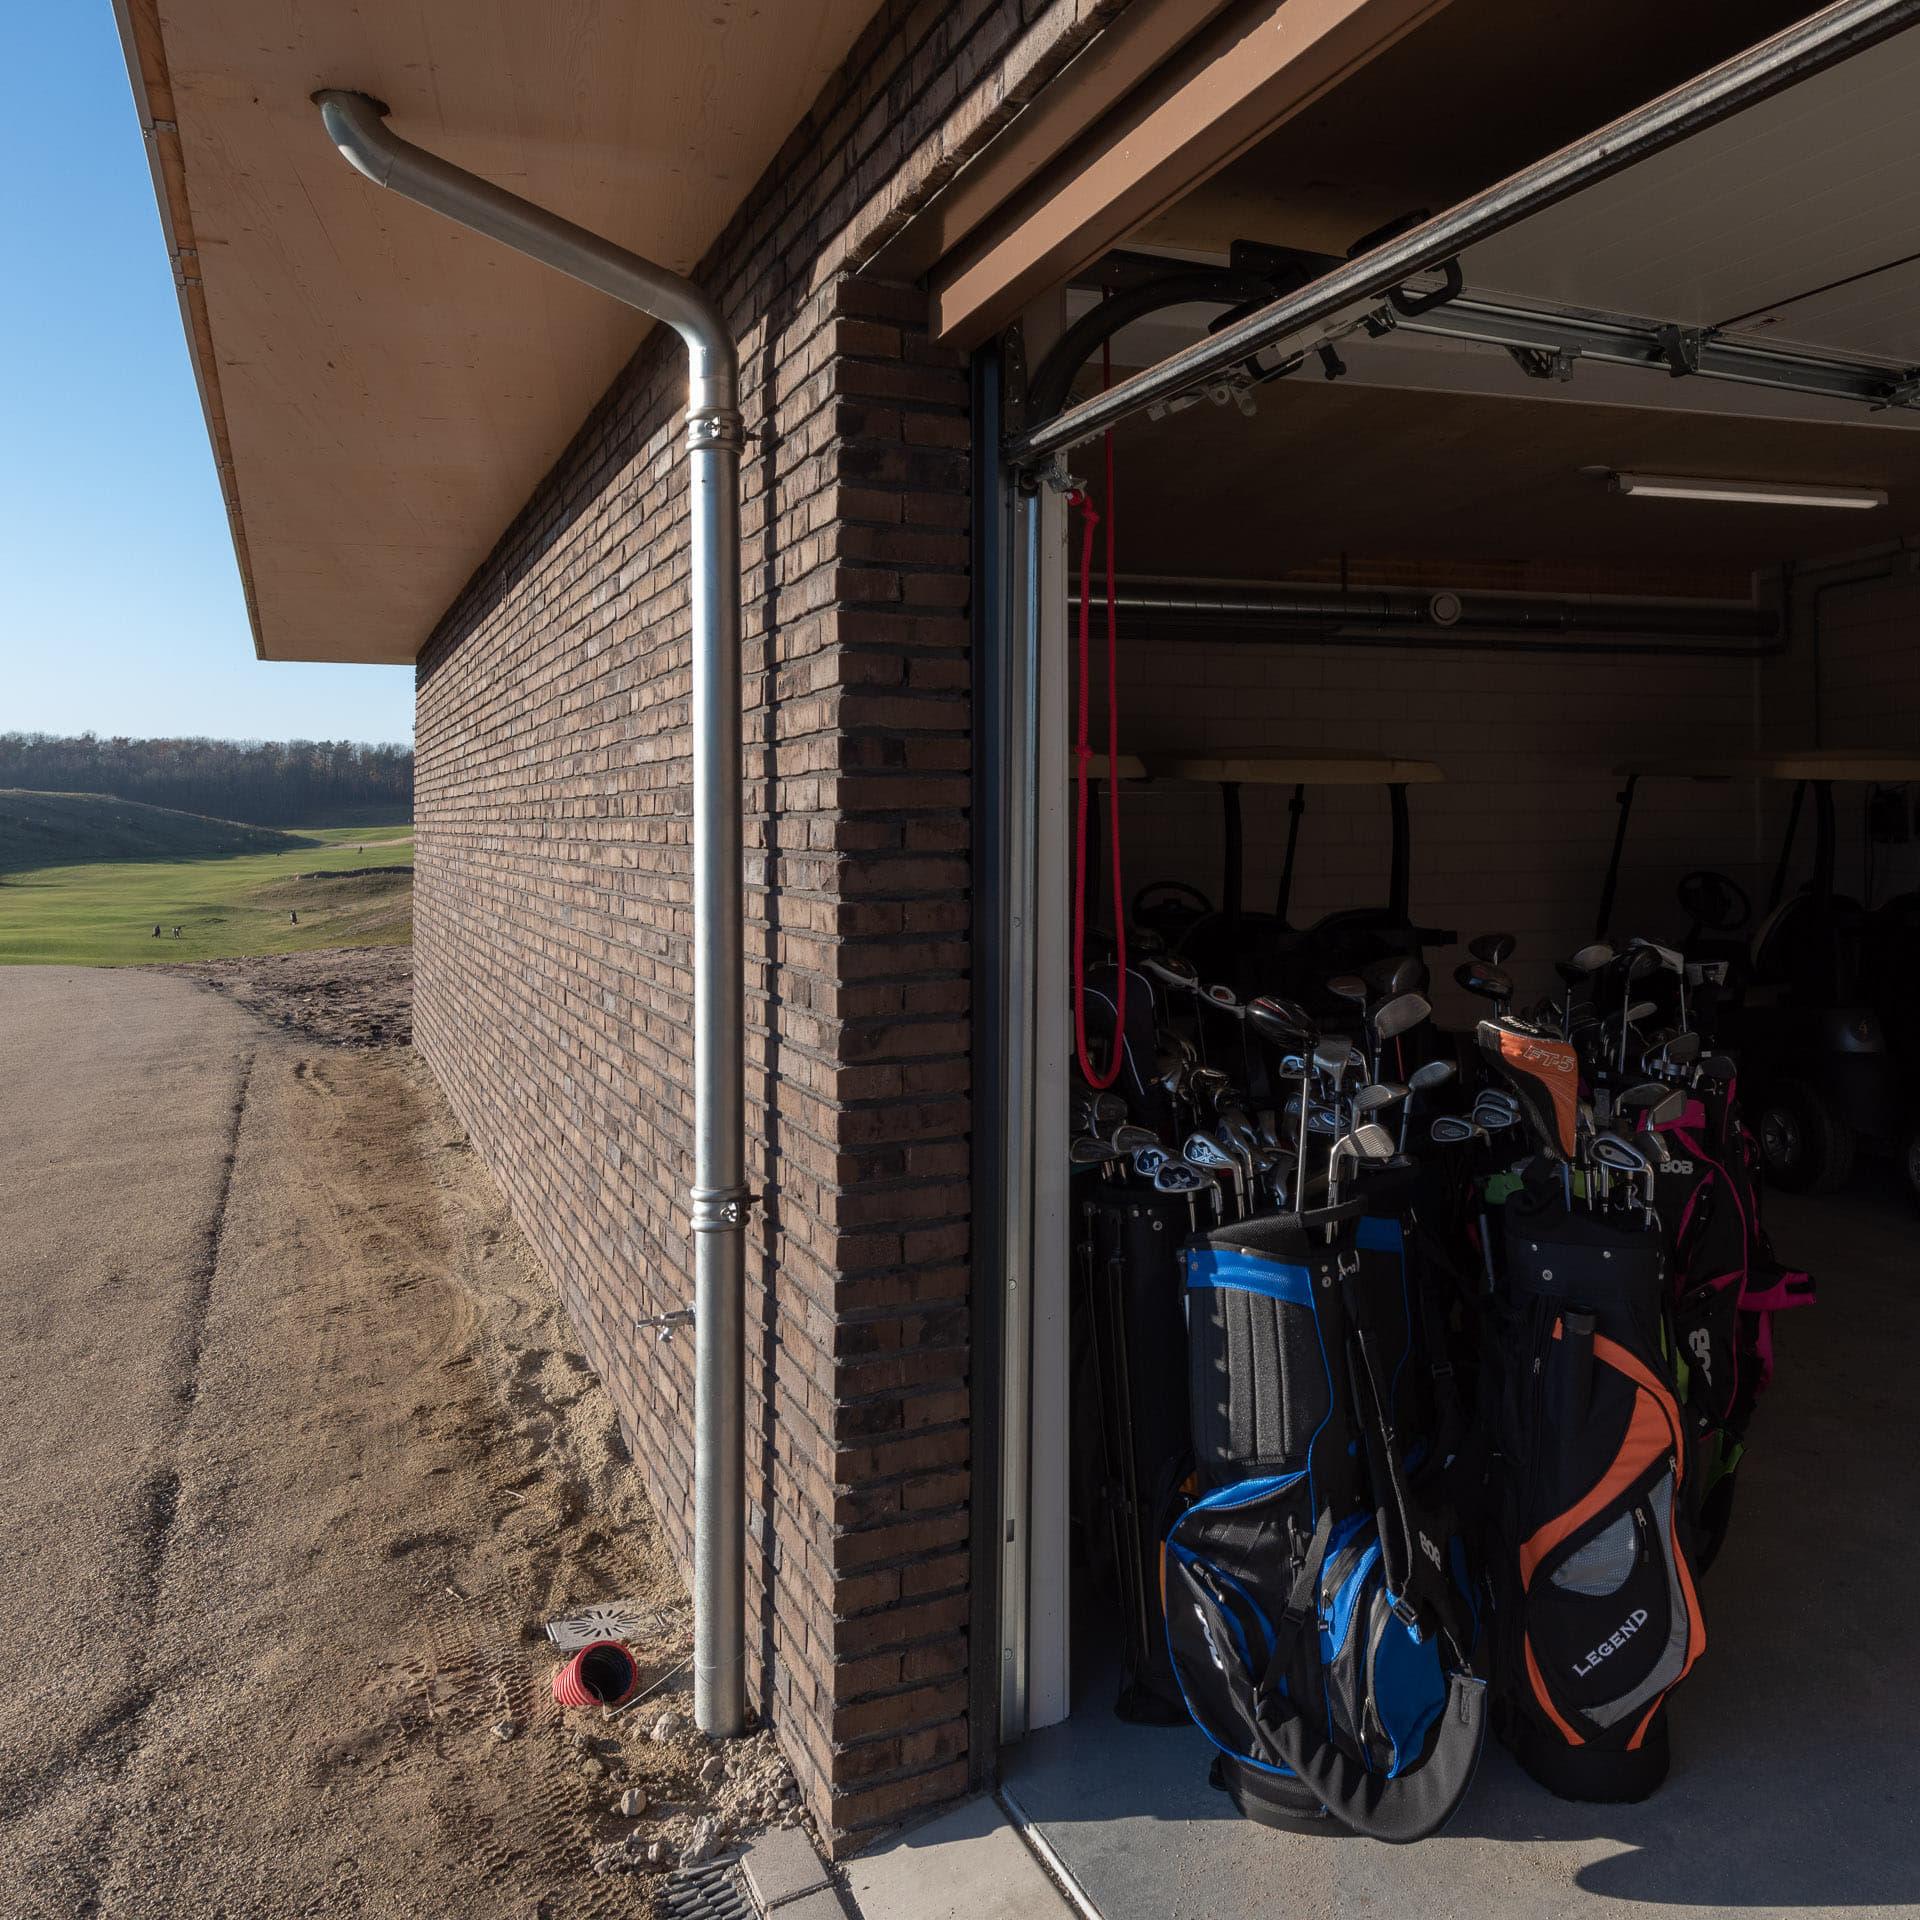 Zijkant een gebouw met op de achtergrond een golfbaan